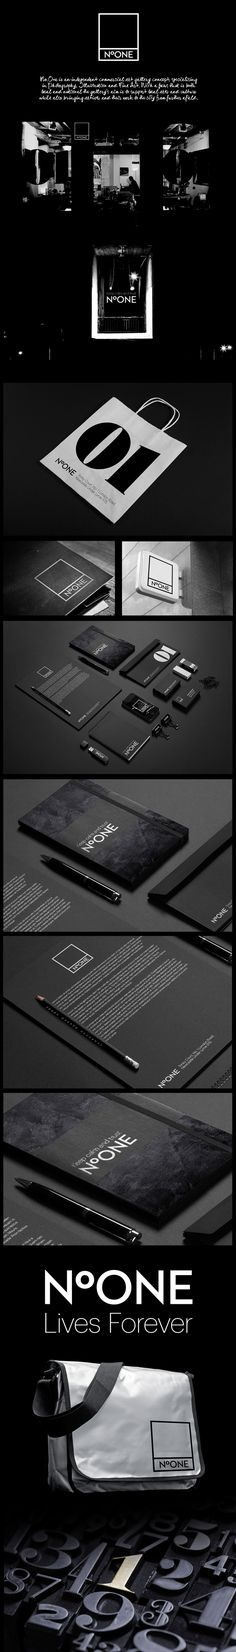 No.ONE Gallery by Lukasz Kulakowski #identity #packaging #branding PD